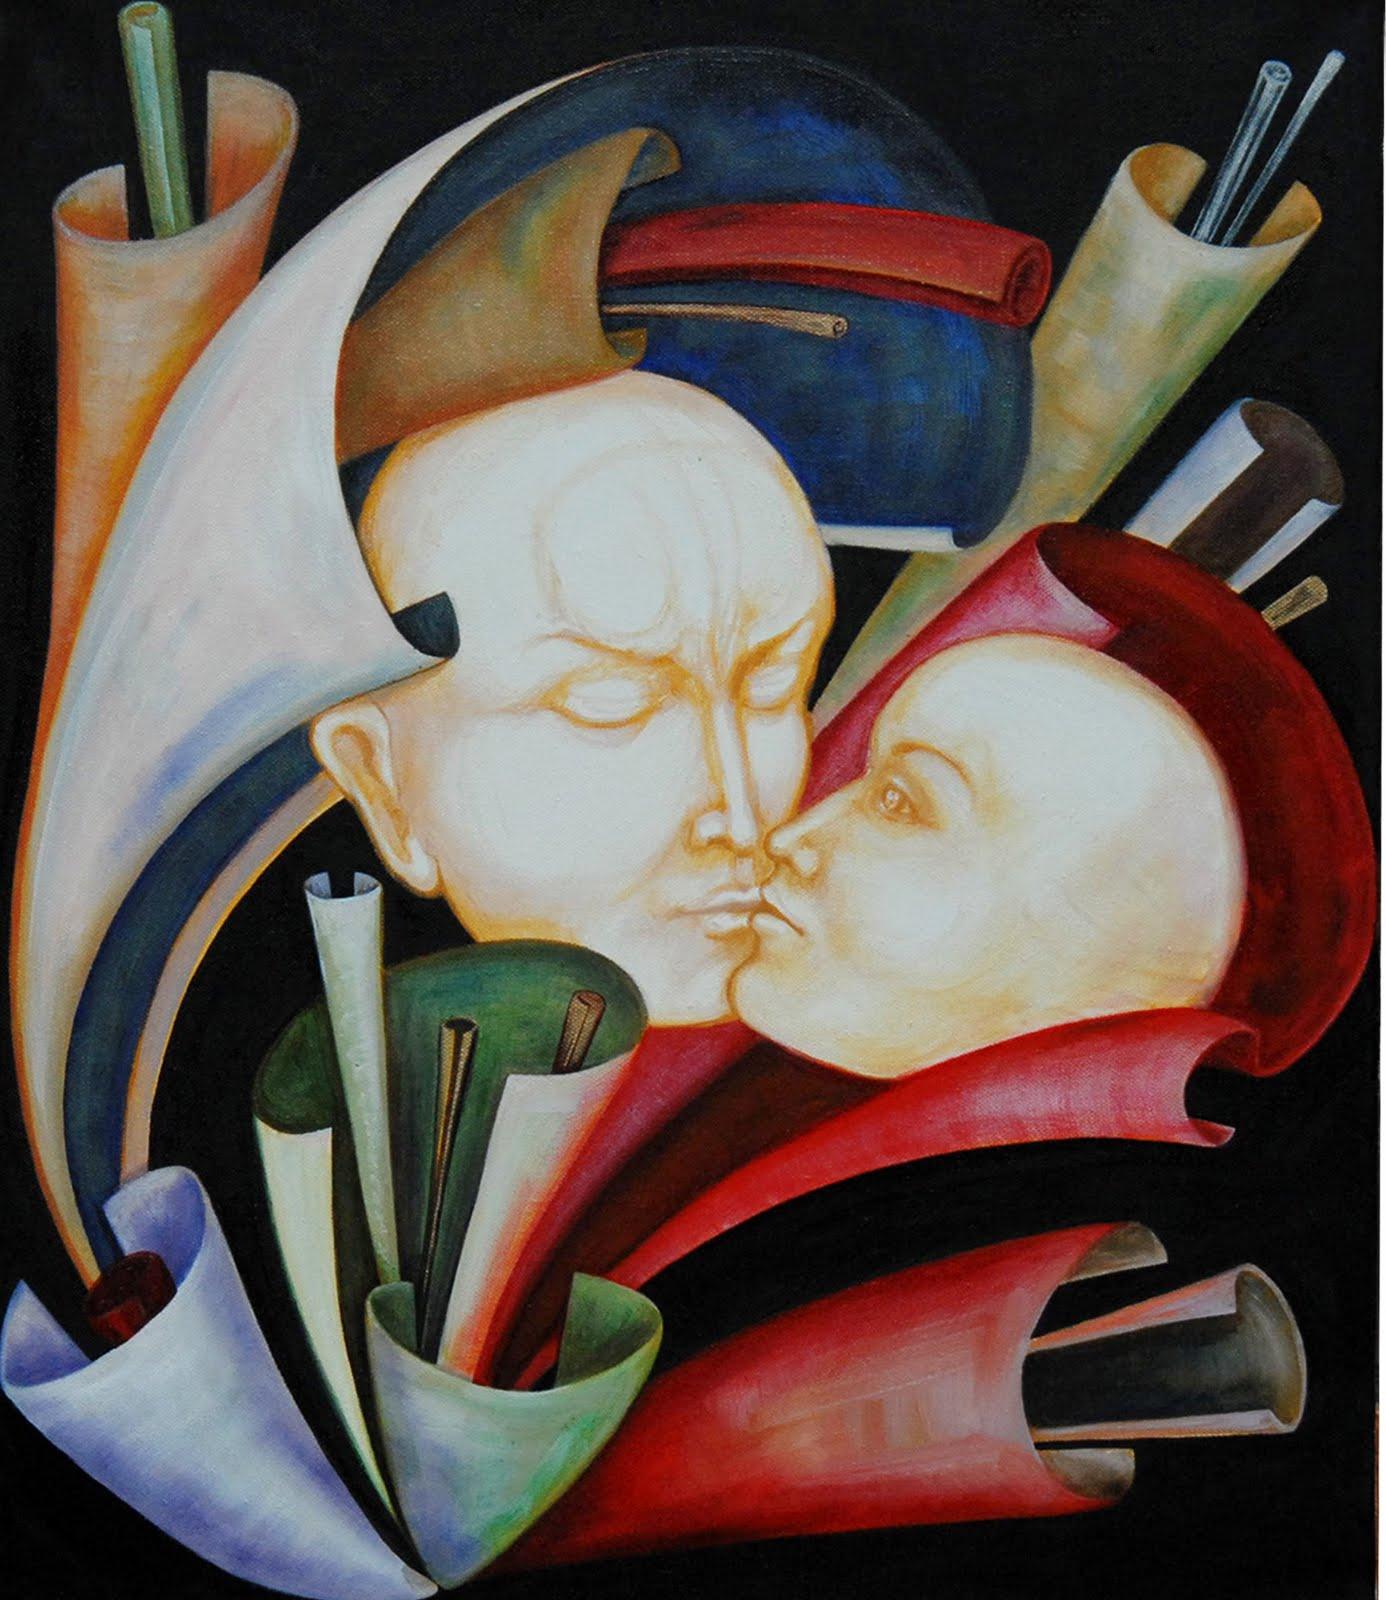 http://4.bp.blogspot.com/_2IU2Nt4rD1k/TEs5hNjyiEI/AAAAAAAAB7k/Rq5l-txXbYk/s1600/Geometry_of+_Love_paintings.jpg